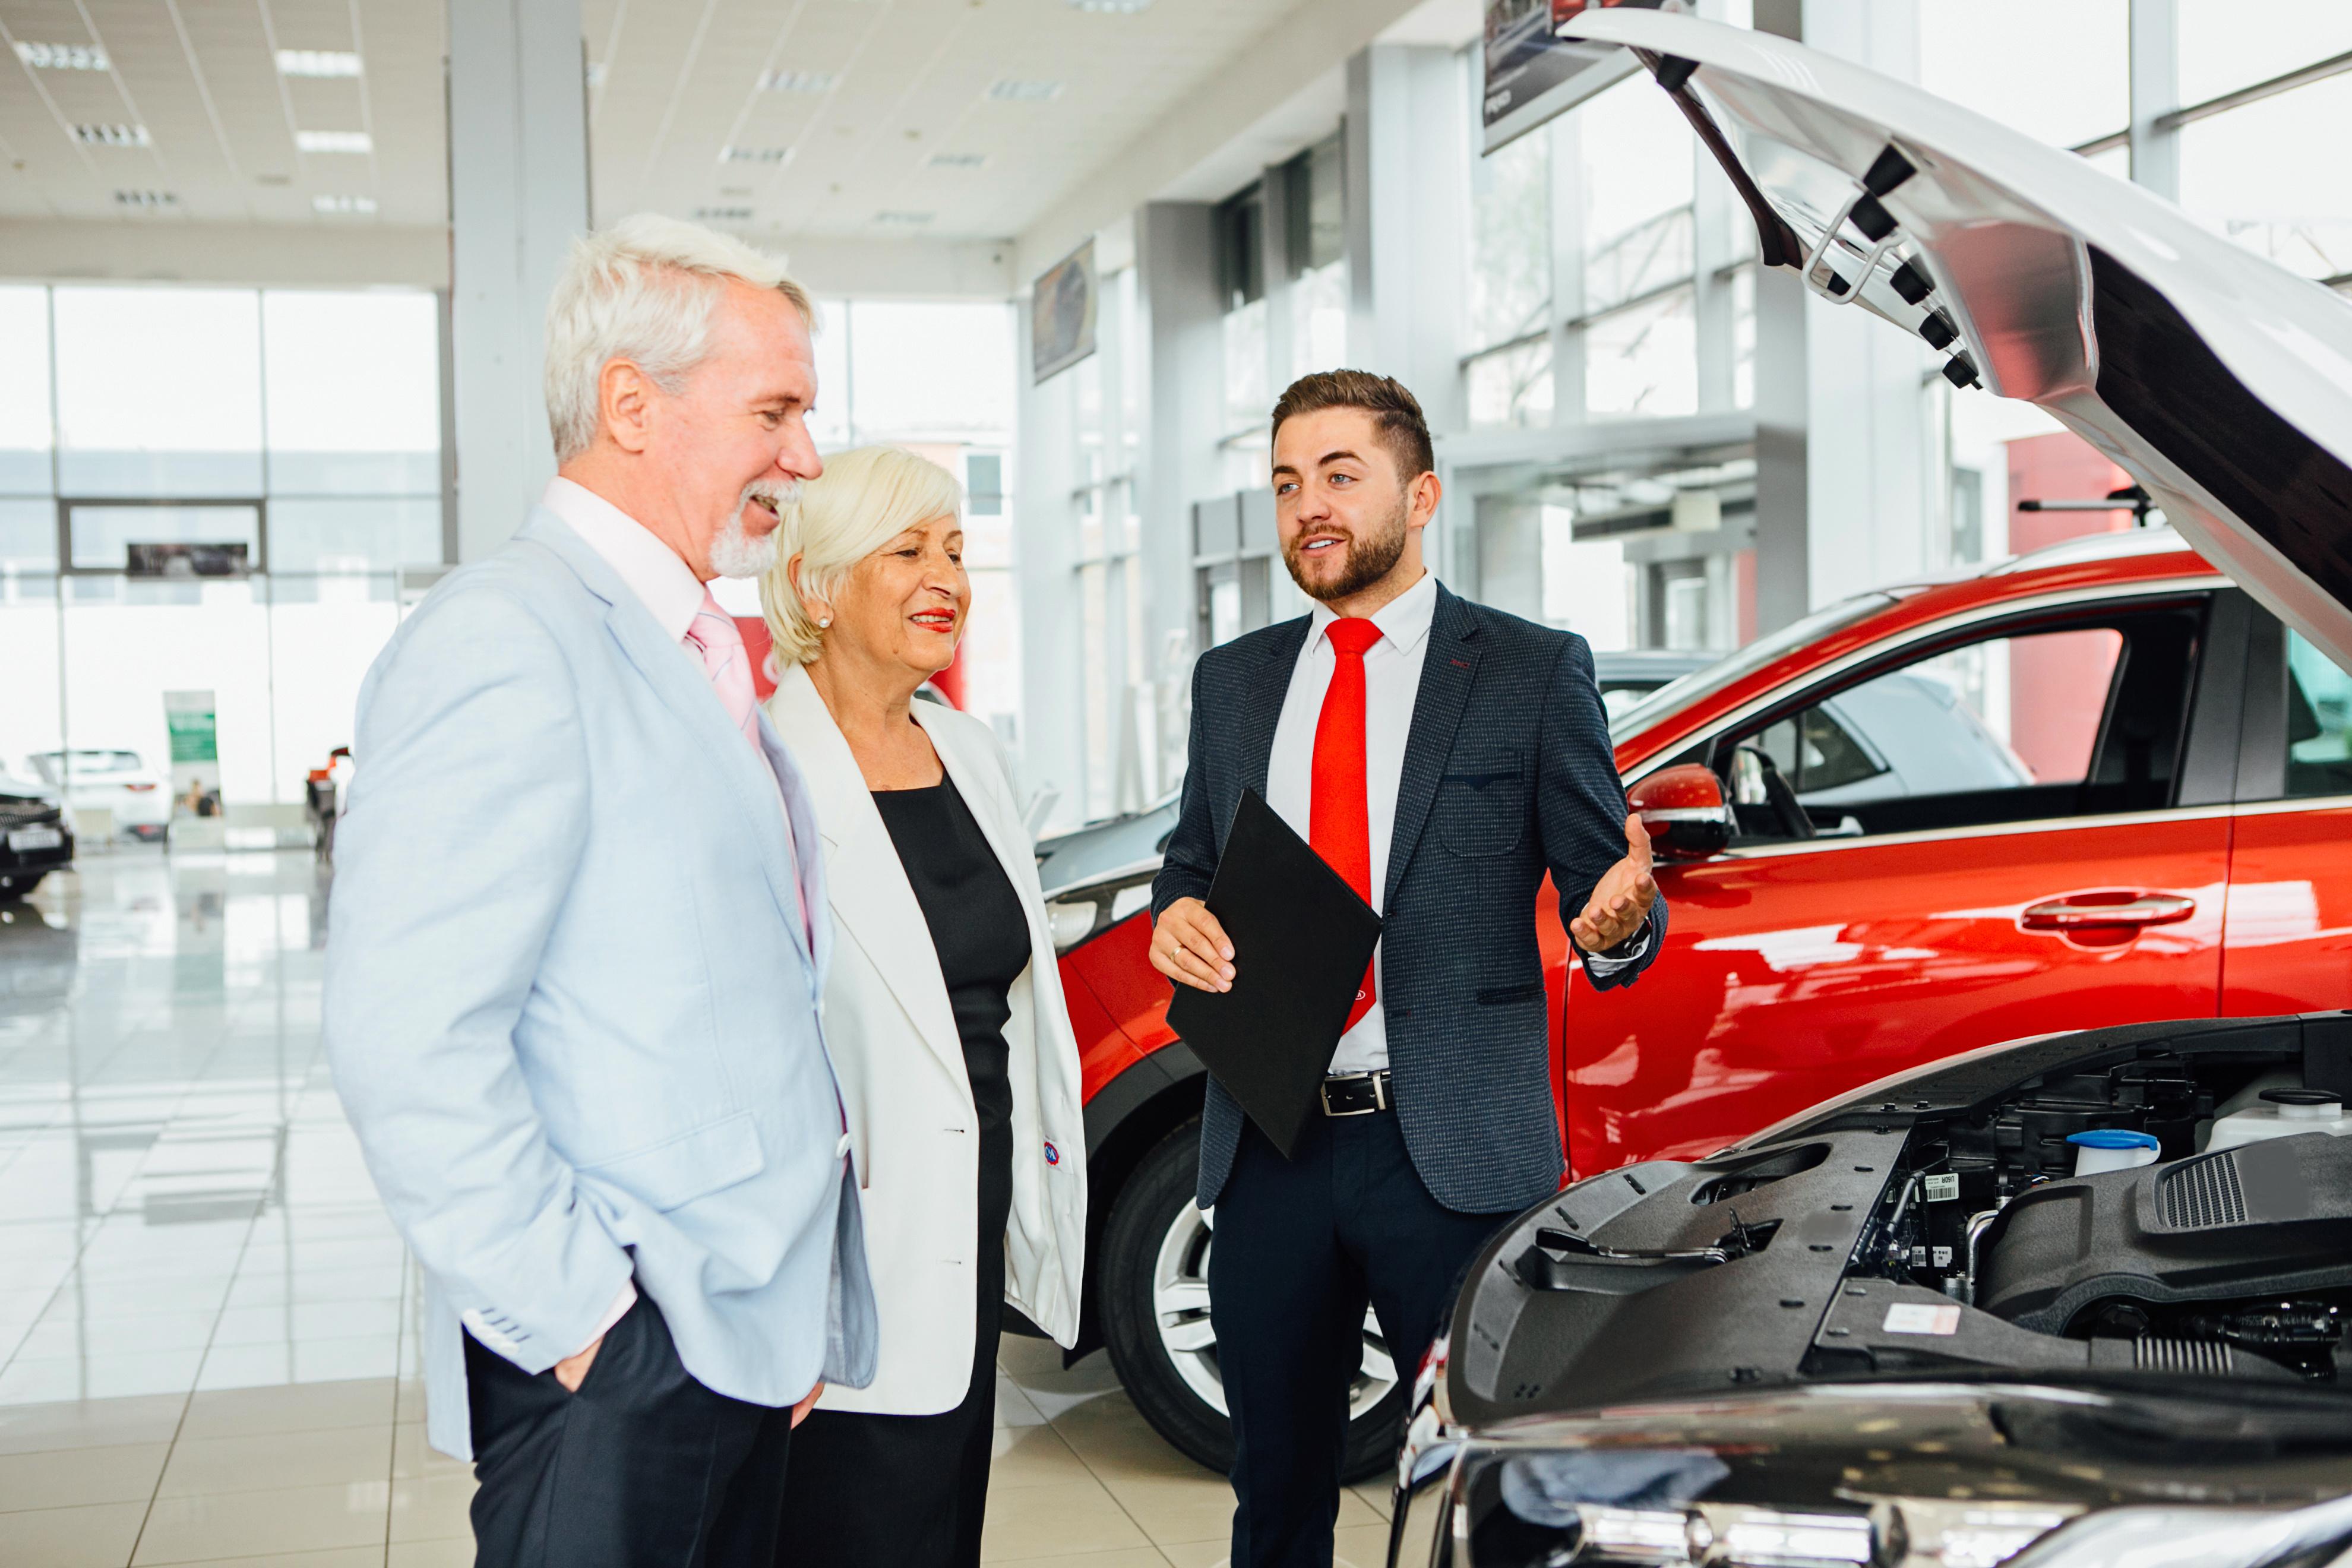 Một đại lý bán xe bán tải ở Mỹ còn cho biết chỉ mất khoảng 52 phút để chốt một thỏa thuận bán xe, trước đây phải mất ít nhất 4 giờ. Ảnh: Ambius.